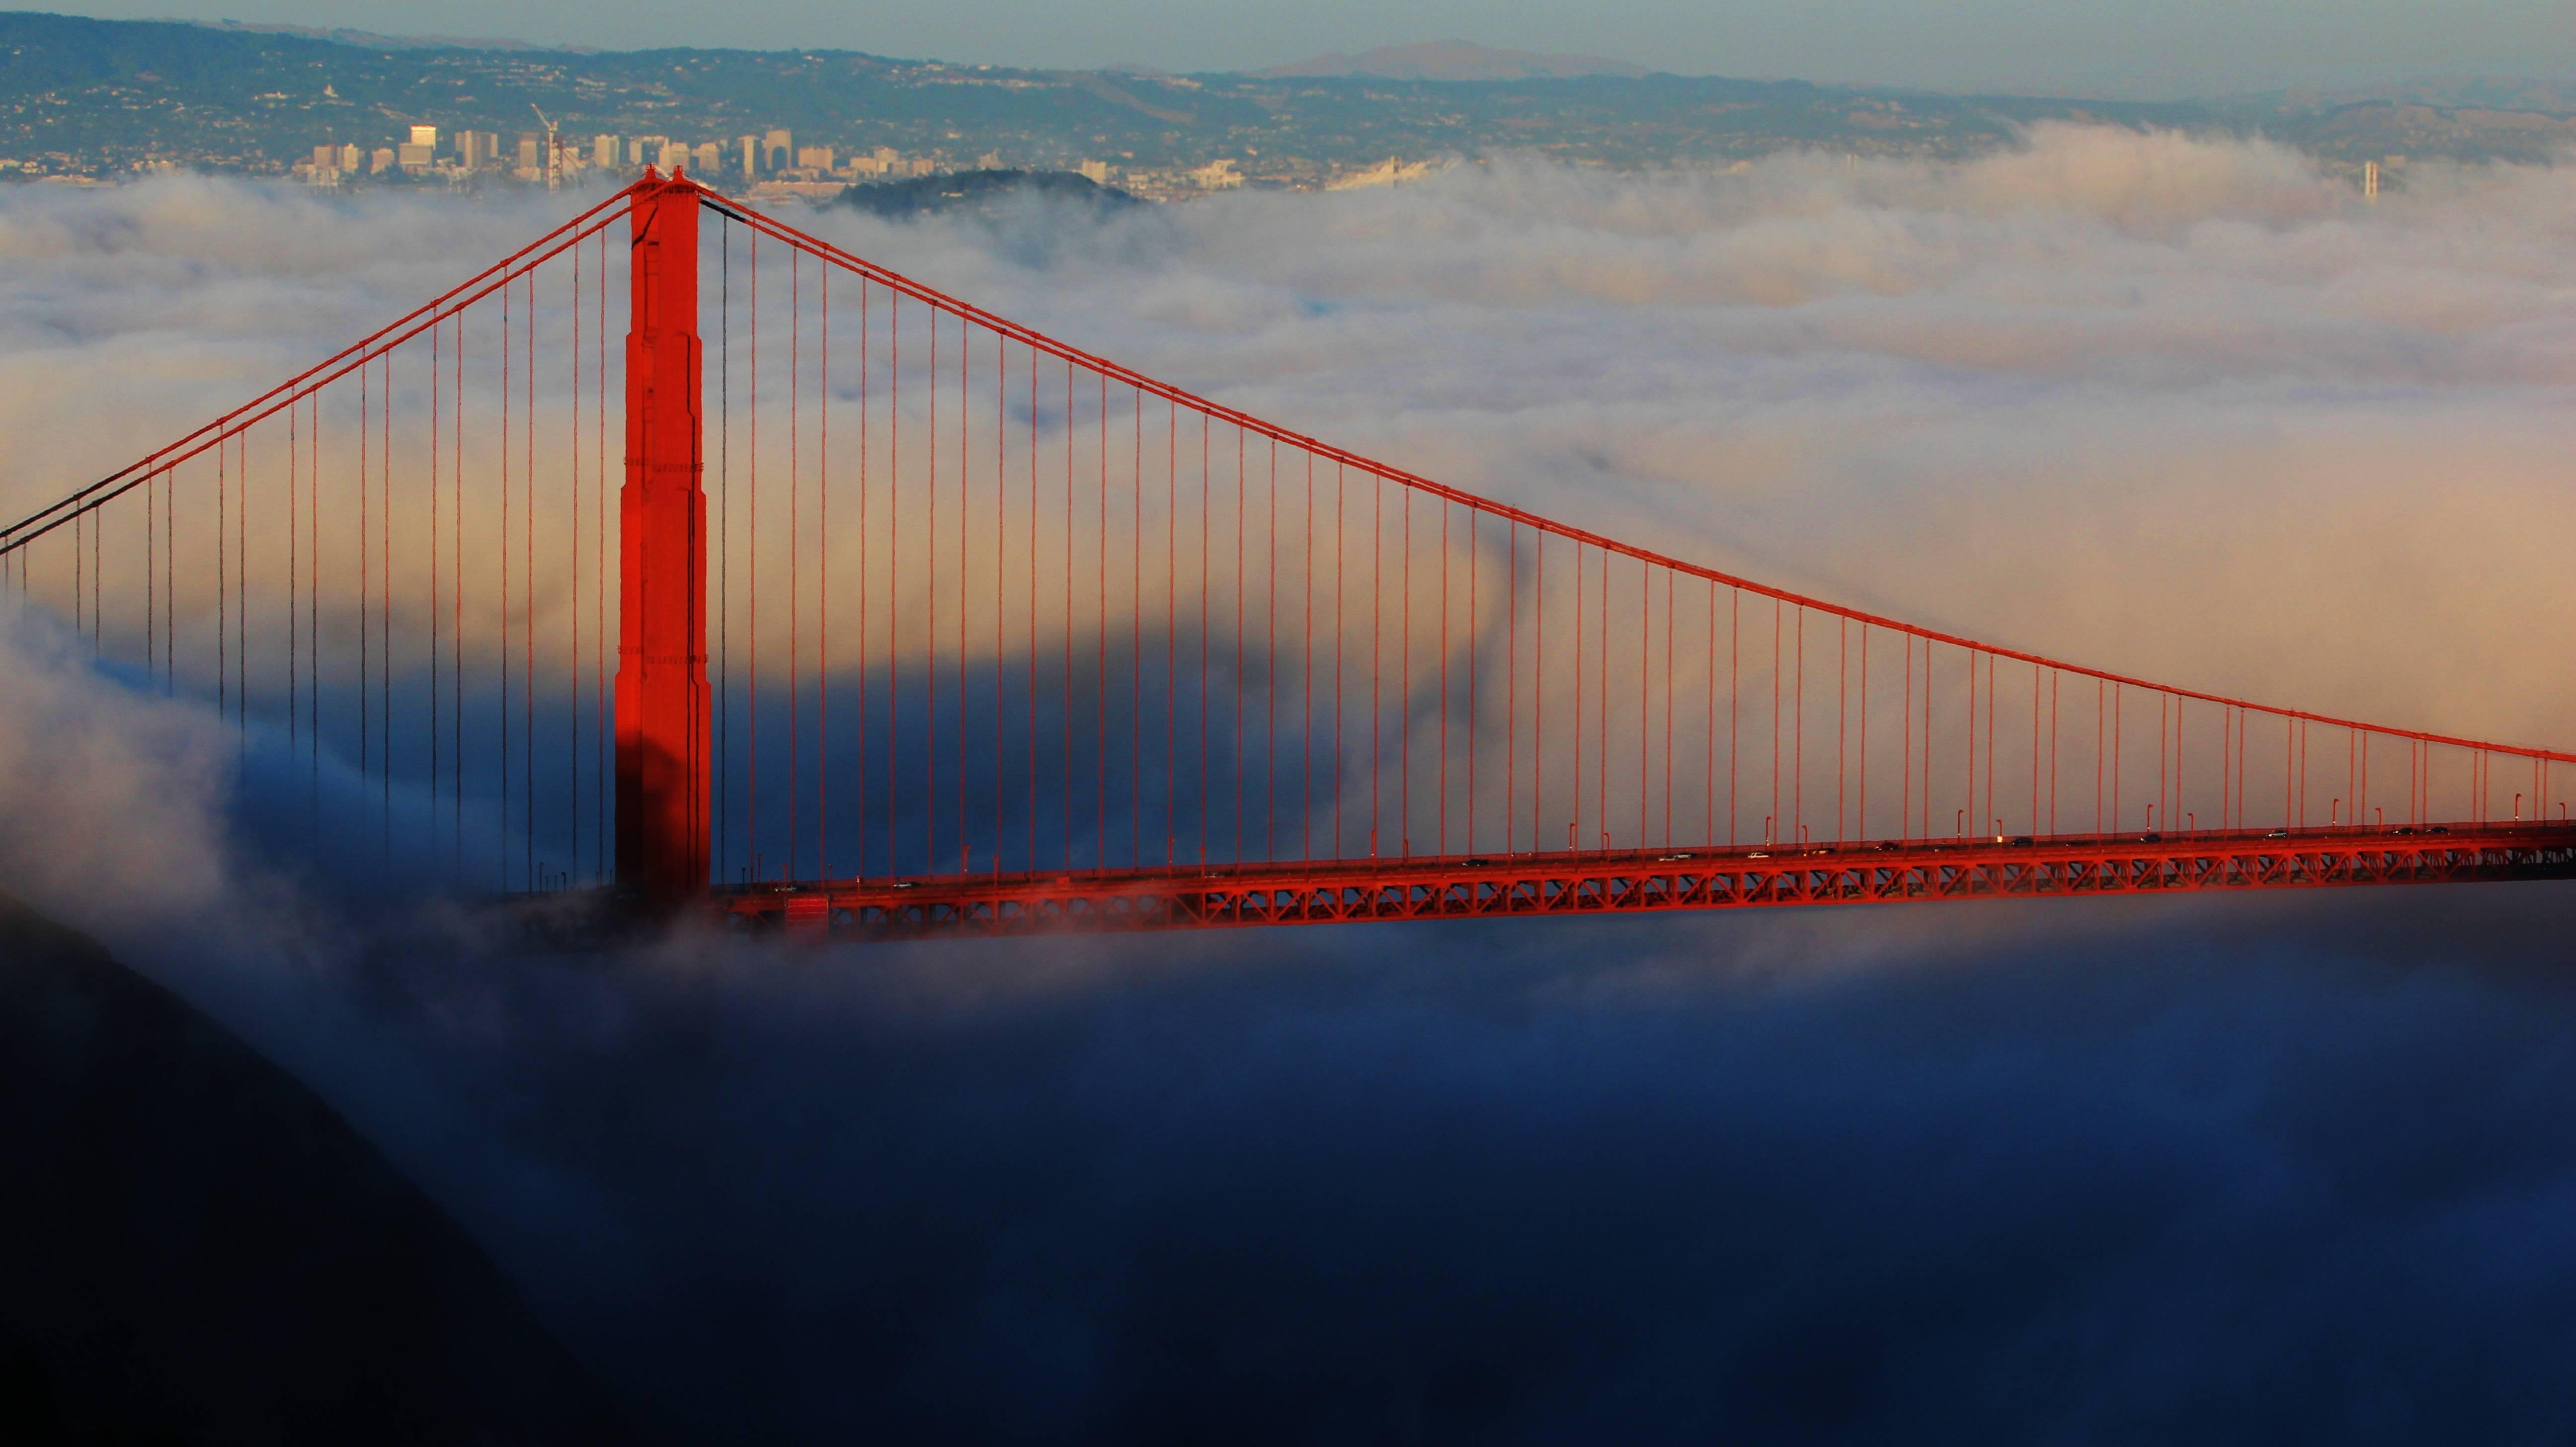 Обзор золотых ворот — знаменитого моста в сан-франциско